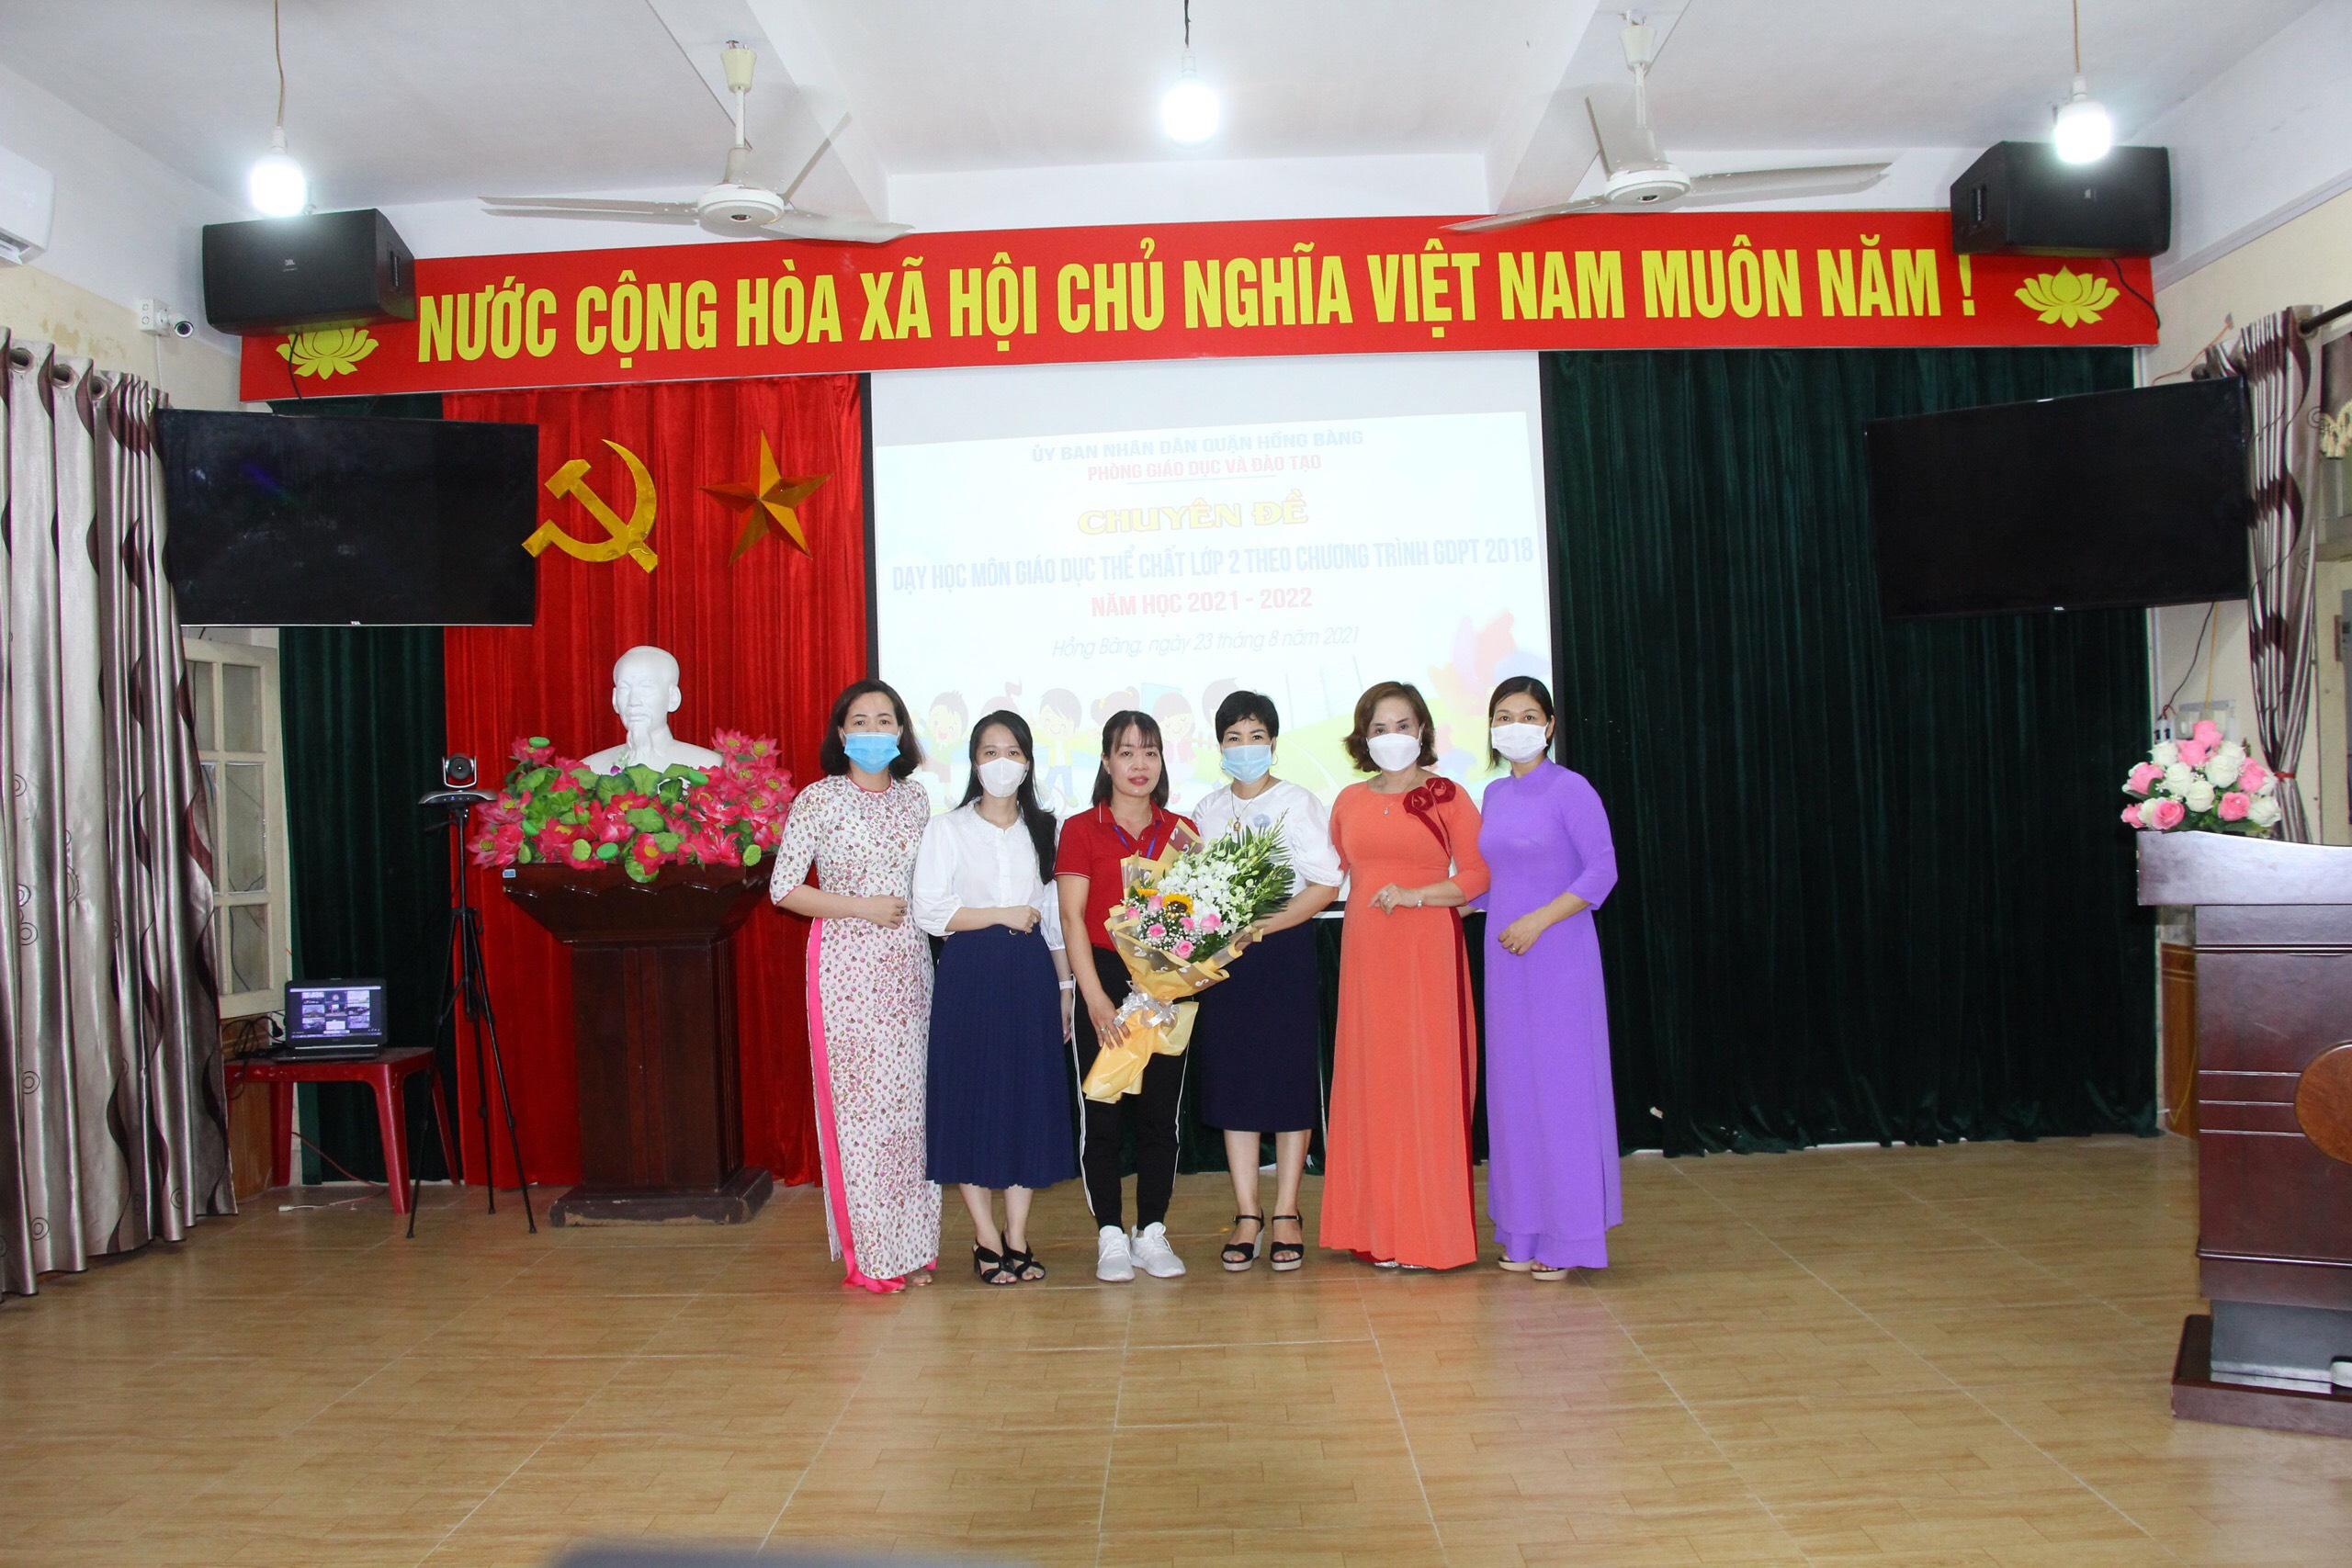 """<a href=""""/giao-duc-tieu-hoc/chuyen-de-day-hoc-giao-duc-the-chat-lop-2-theo-chuong-trinh-gdpt-2018-nam-hoc-2/ct/7679/1092"""">Chuyên đề """"Dạy học Giáo dục thể chất lớp 2<span class=bacham>...</span></a>"""